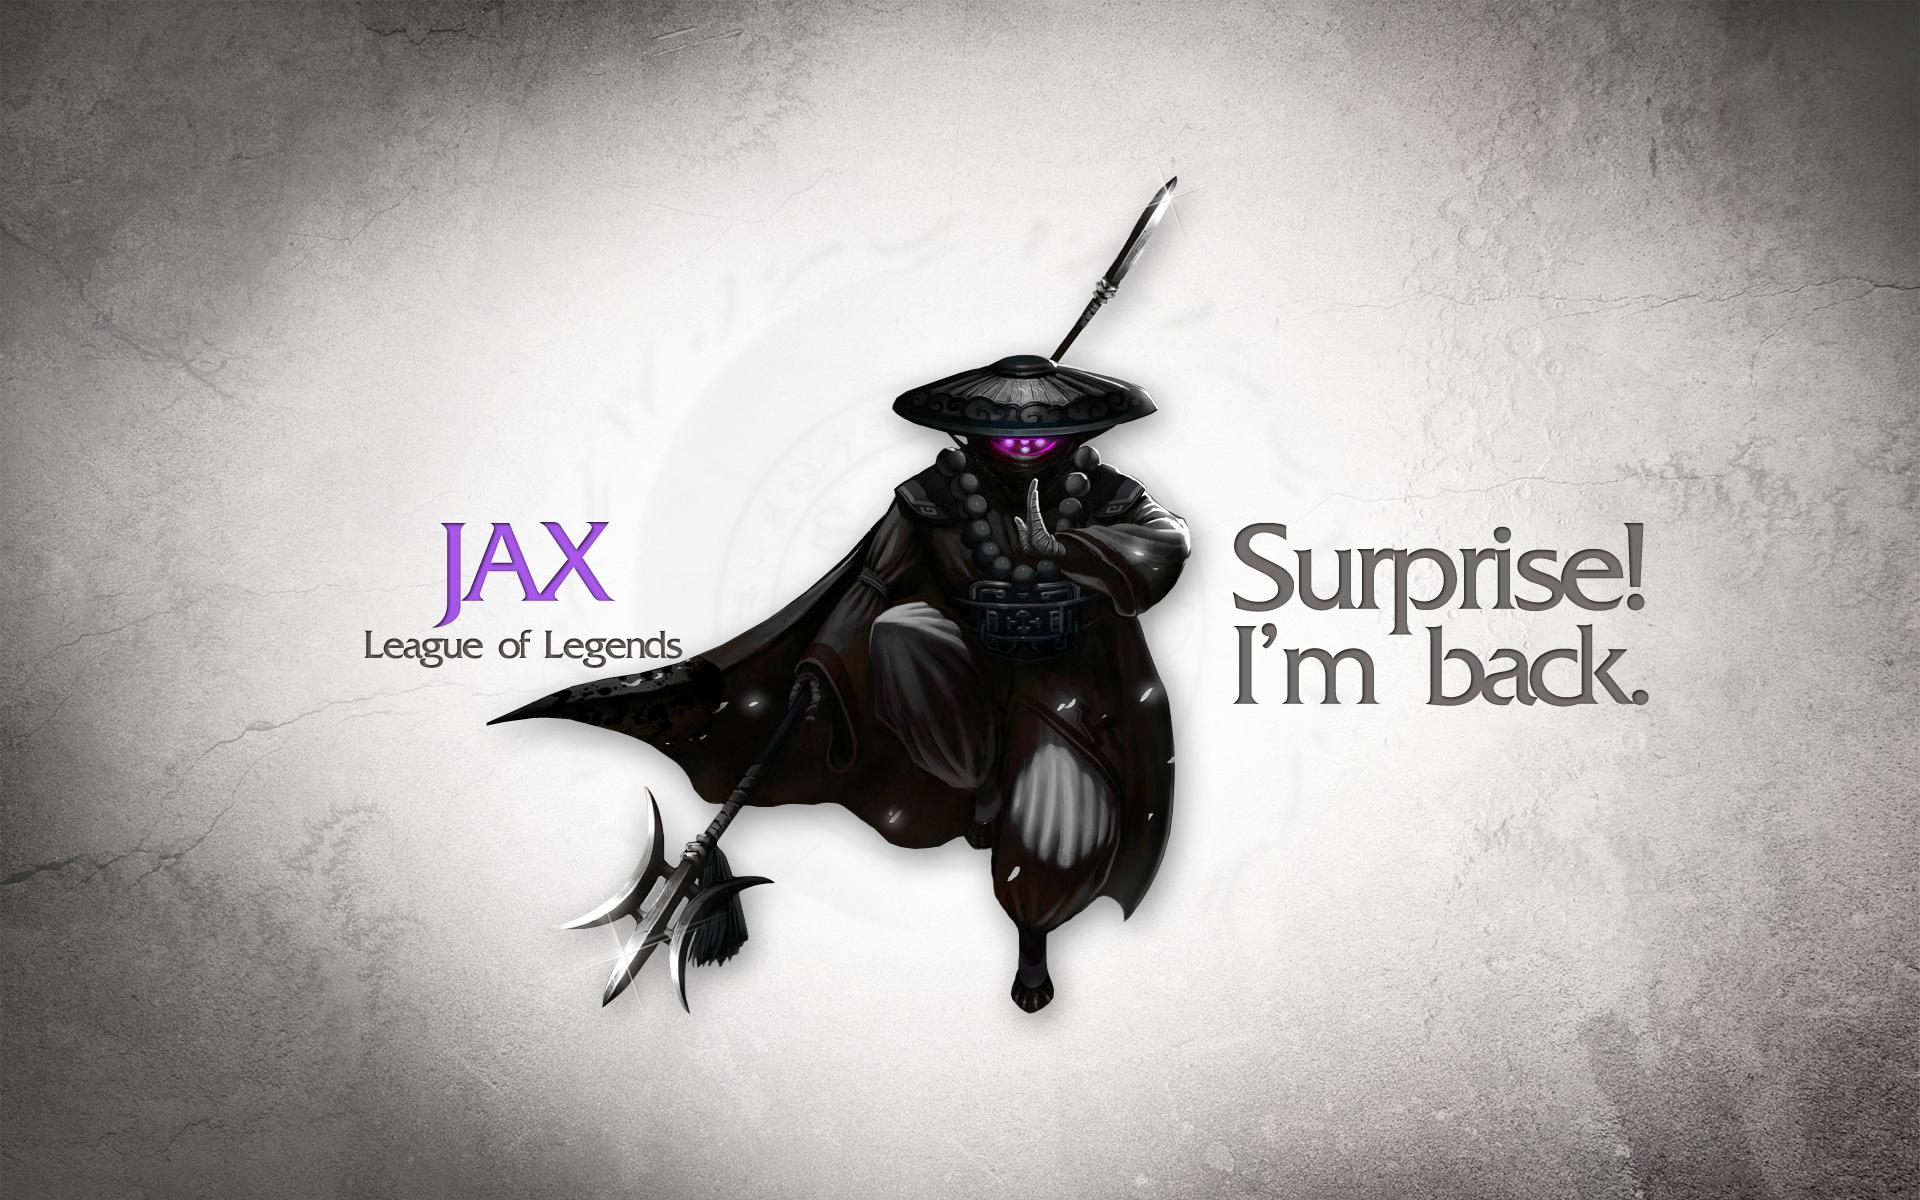 League of Legends Wallpaper - Jax by deSess on DeviantArt